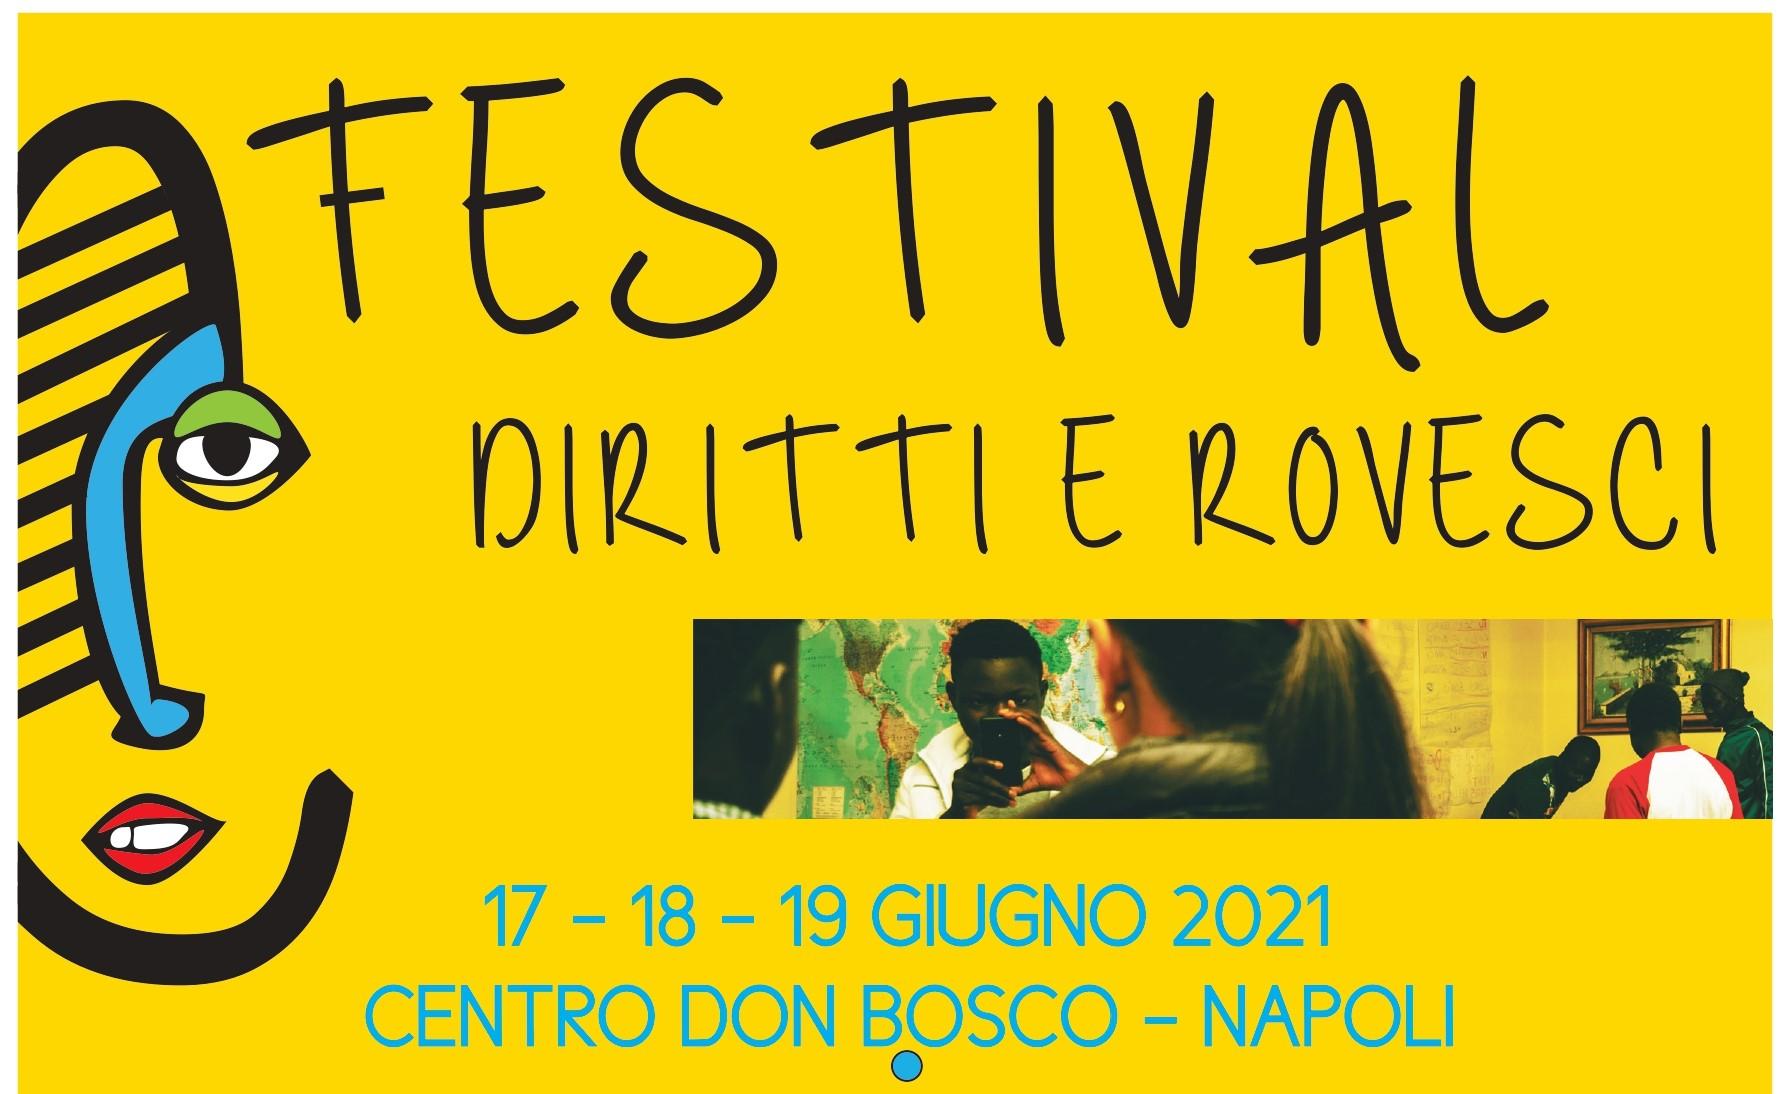 Festival Diritti e Rovesci: Cidis celebra con i minori la giornata mondiale del rifugiato